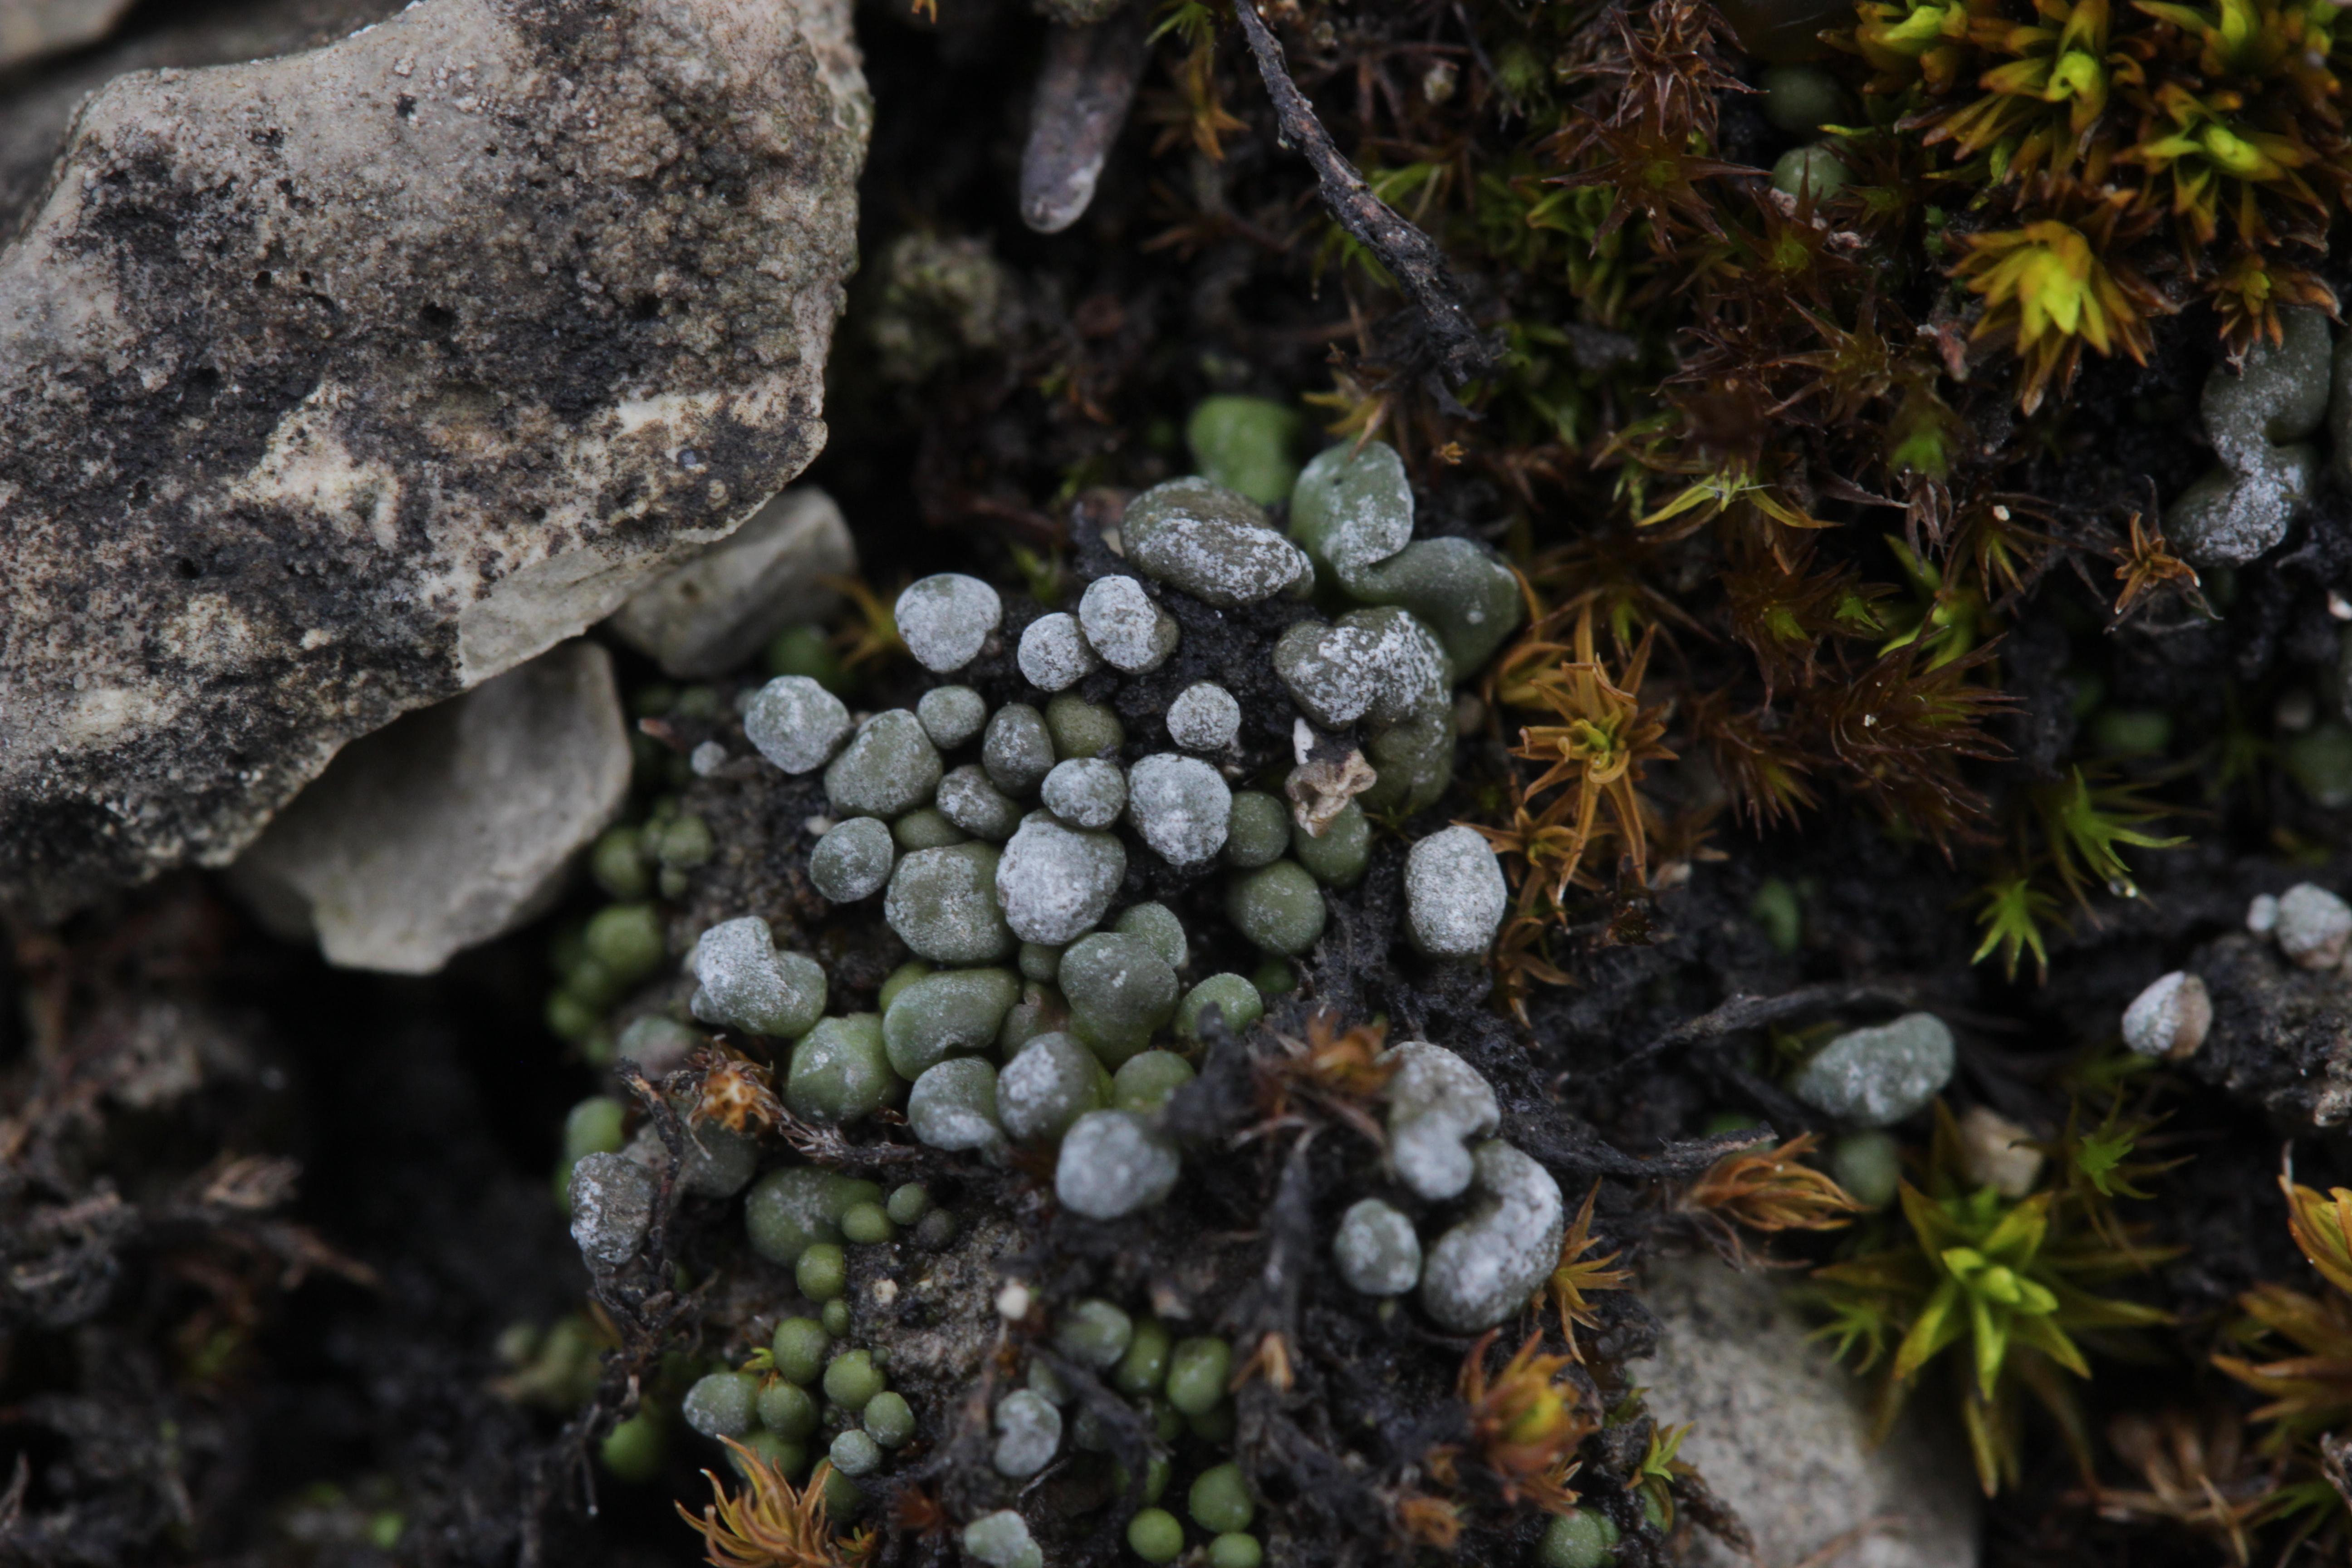 Image of bruised lichen